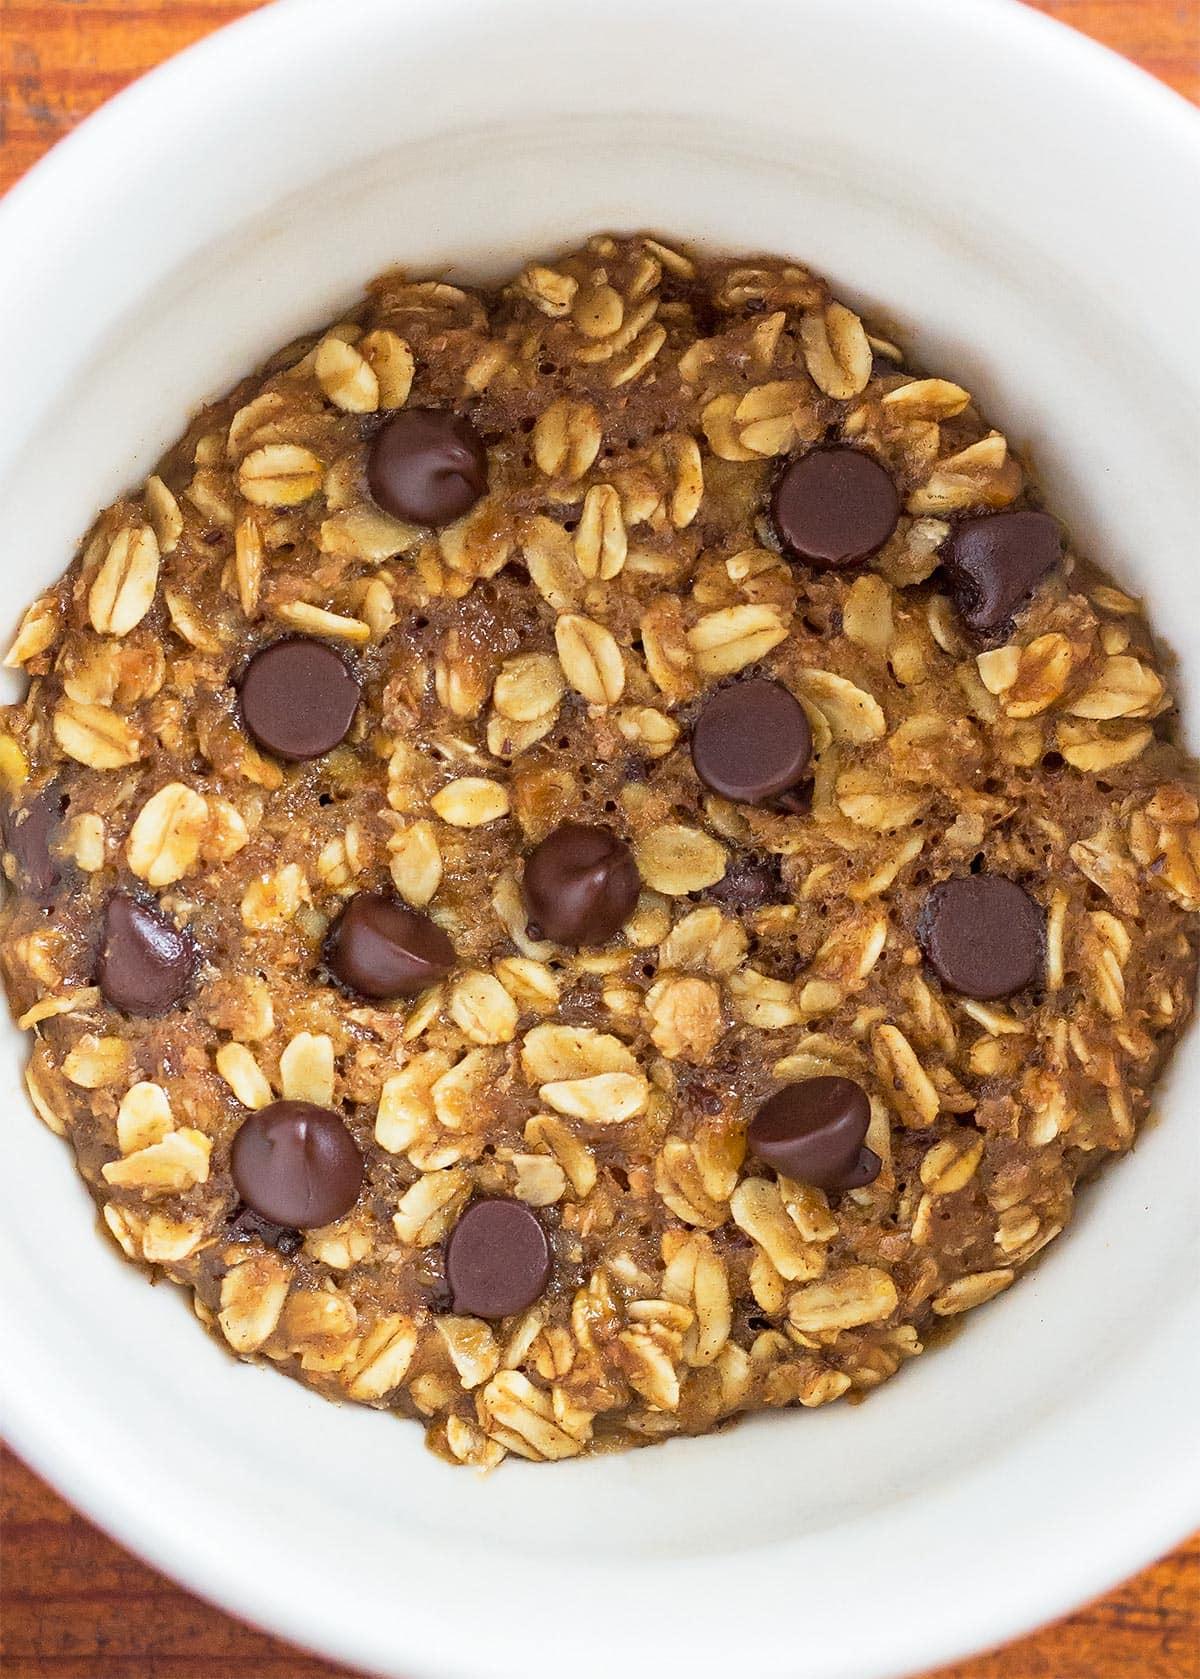 Finished Oatmeal Chocolate Chip Mug Cookie